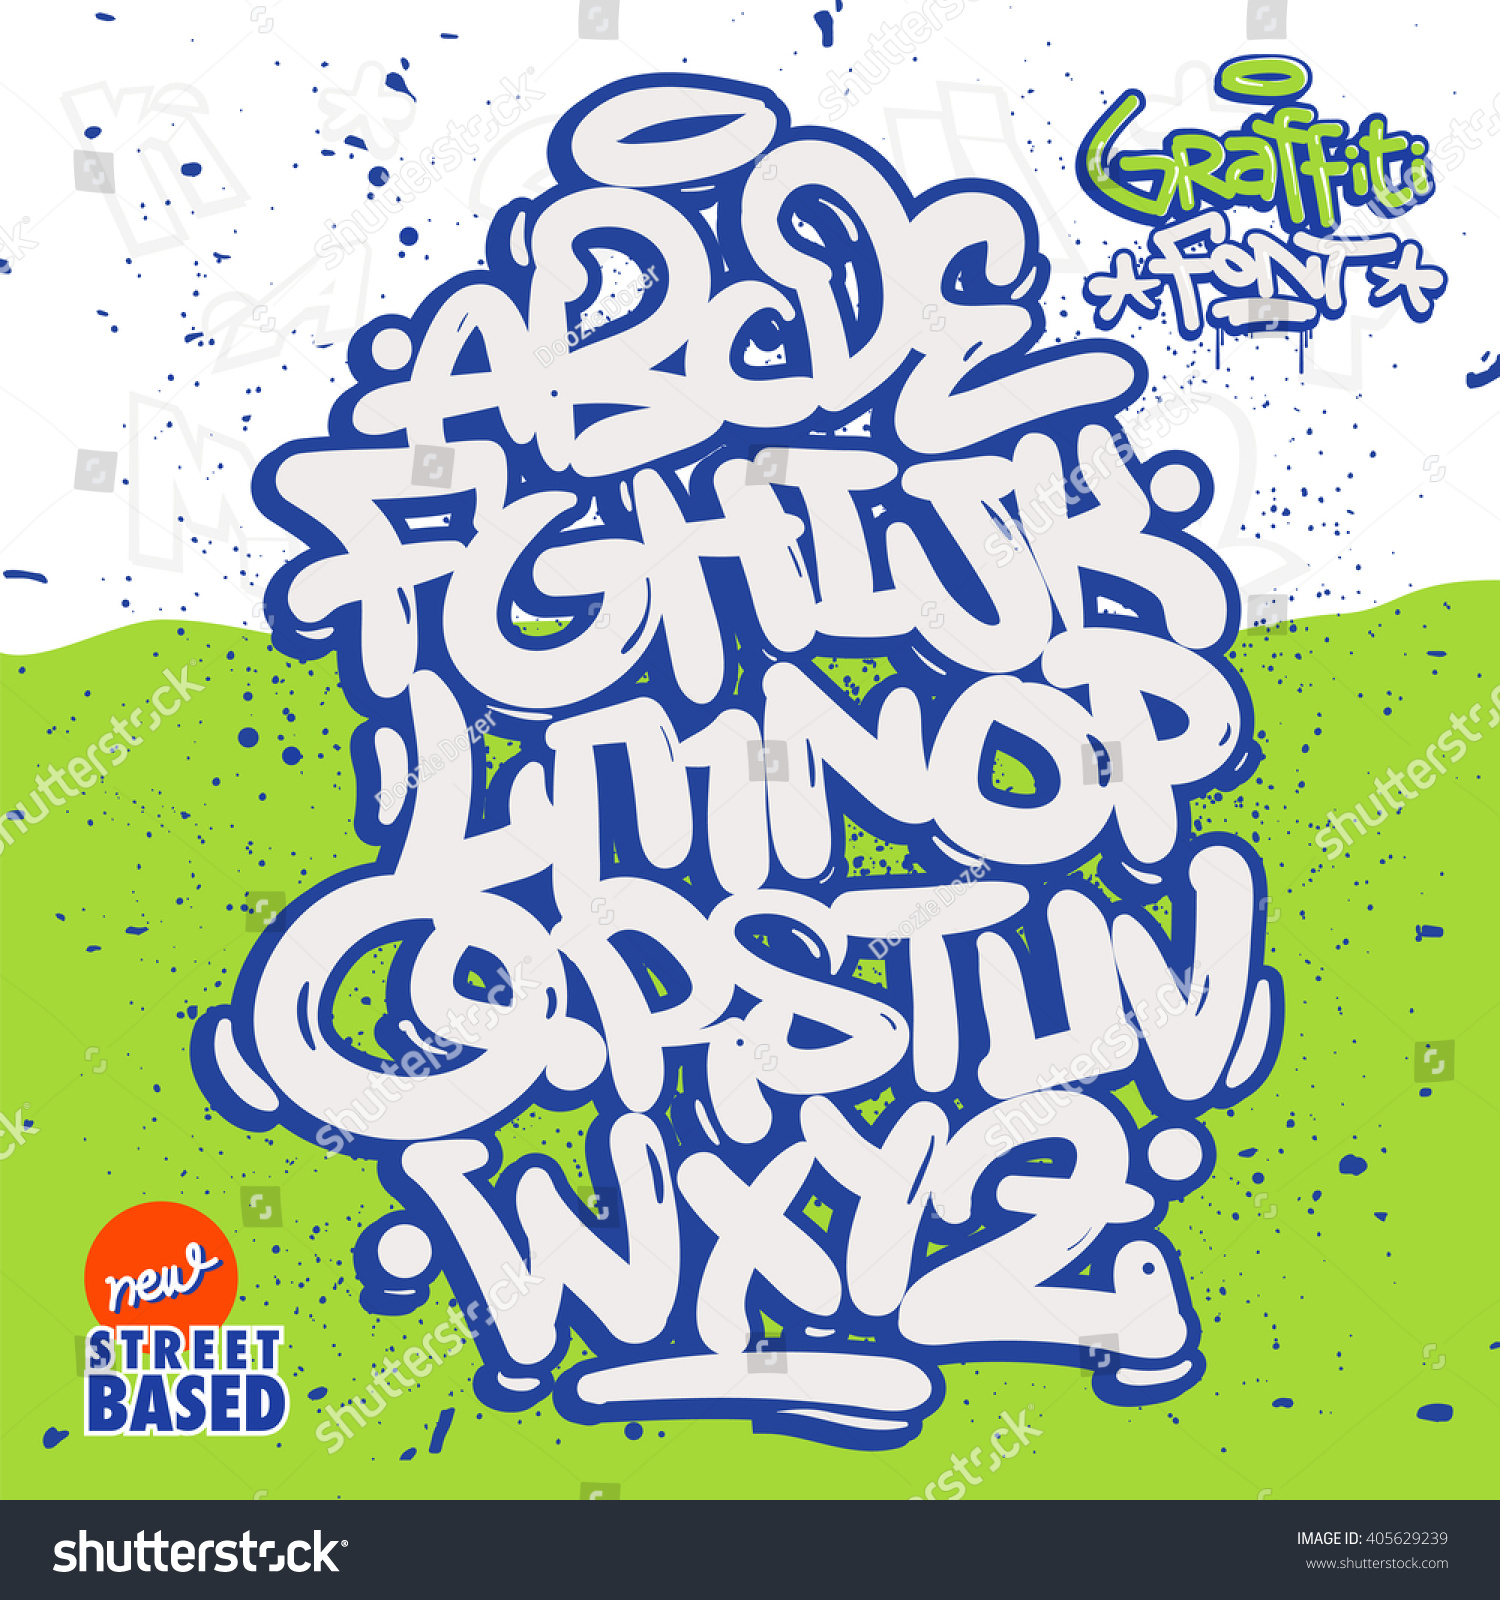 Bubble Graffiti Font Family